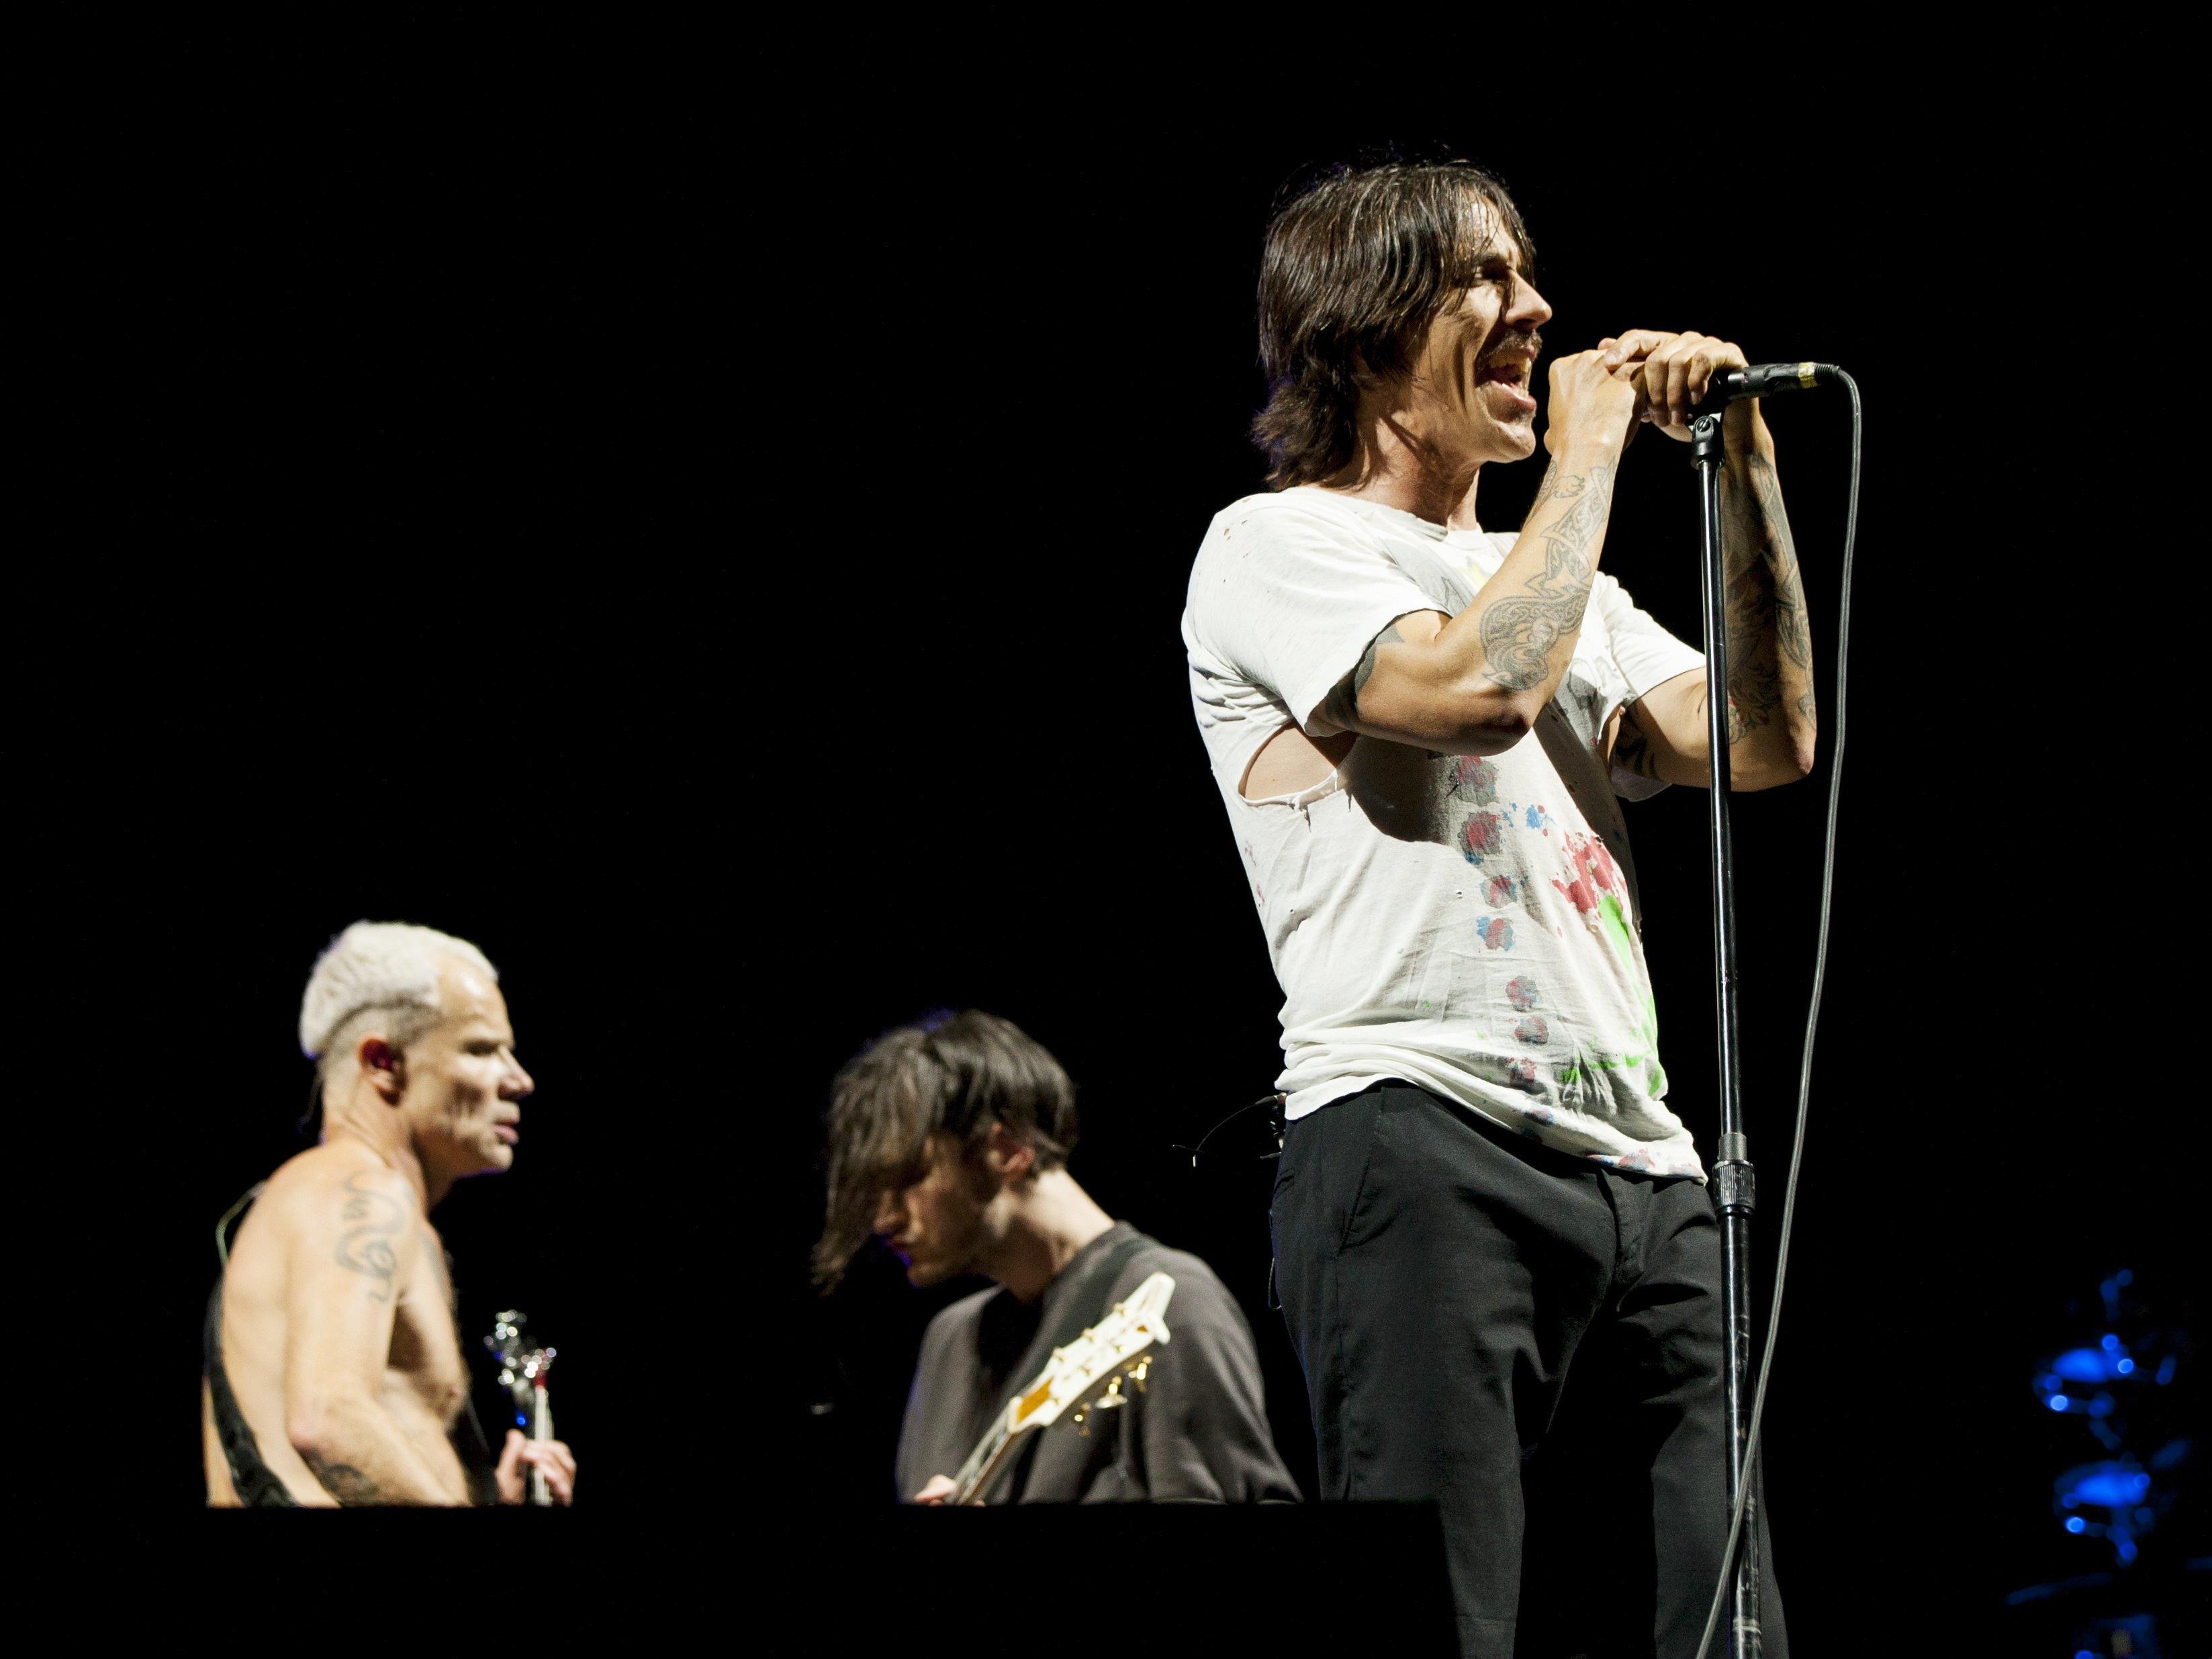 Anthony Kiedis, Frontmann der Red Hot Chilli Peppers ist wieder fit. Nach einer kurzen Pause wegen einer magenentzündung, setze die Band ihre Tour fort.